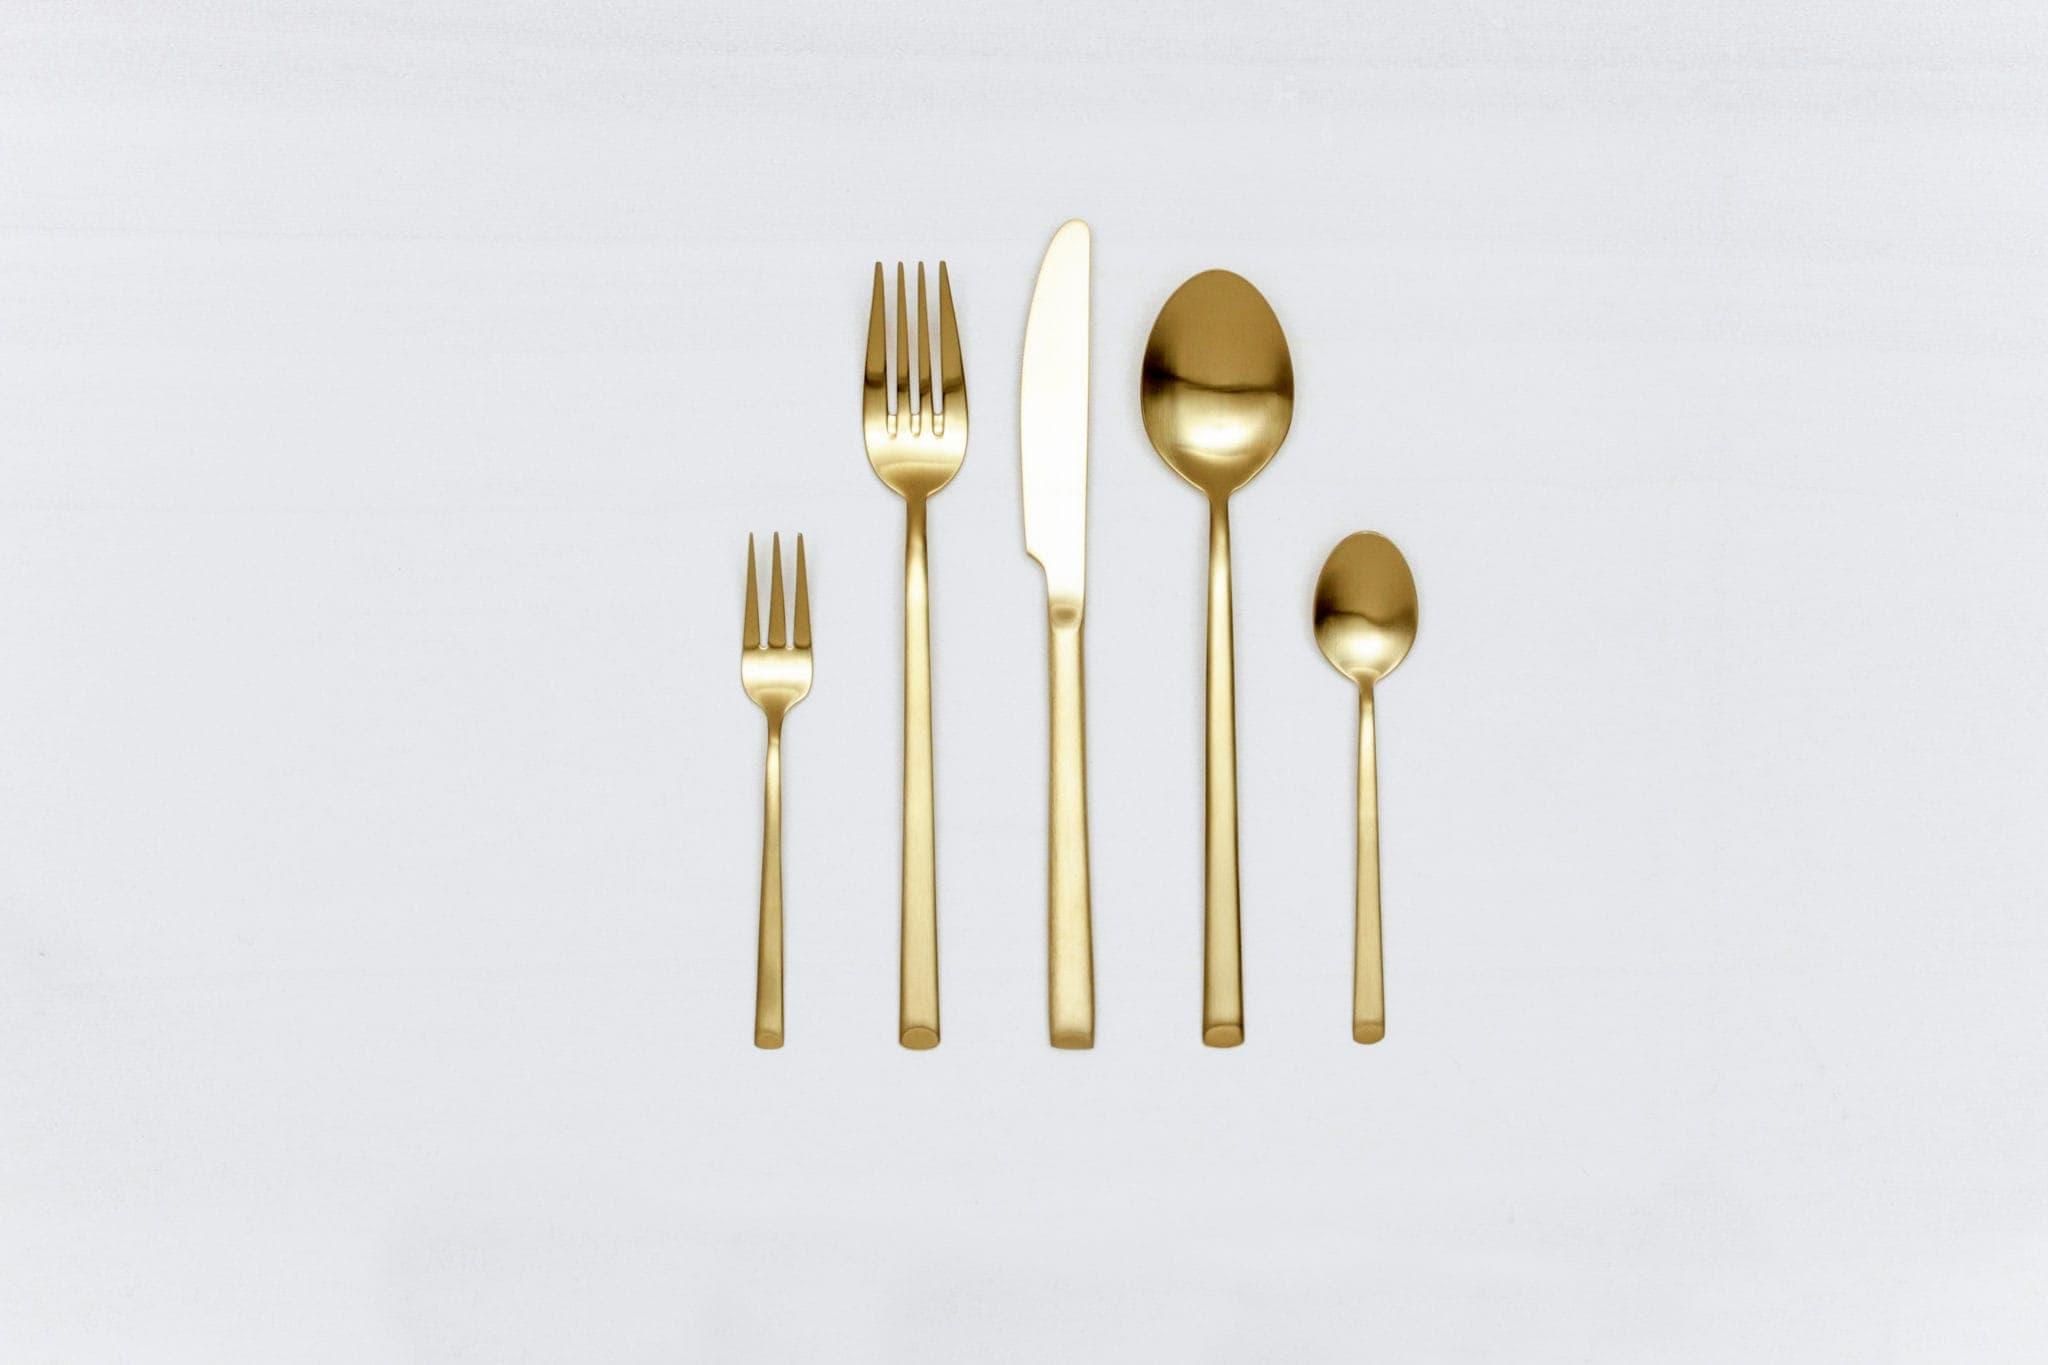 Besteck Set Ines Gold Matt 5-teilig | Mit der Besteckserie Ines vermieten wir herrlich, matt goldenes Edelstahlbesteck. Das Besteck hat eine schöne Haptik und sieht zu unterschiedlichen Events gleichermaßen gut aus. Ob auf einem bunten Tisch mit kräftigen Farben kombiniert, einer eleganten, minimalistischen Hochzeit oder einem modernen Business Dinner - unser matt goldenes Besteck Ines ist eine ausgzeichnete Wahl für Deinen Event. Das zusammengestellte Set Mietbesteck besteht aus einer Gabel, einem Messer, einem Suppenlöffel, einer Kuchengabel und einem Teelöffel. Begeistere Deinen Gäste, miete das 7-teilige goldene Besteckset Ines und kombiniere es mit unserem vintage Geschirr. Passend zum goldenen Besteck Ines bieten wir auch Teelöffel, Tortenheber, Servierlöffel, Espressolöffel, Buttermesser und vintage Weingläser im Verleih an. | gotvintage Rental & Event Design